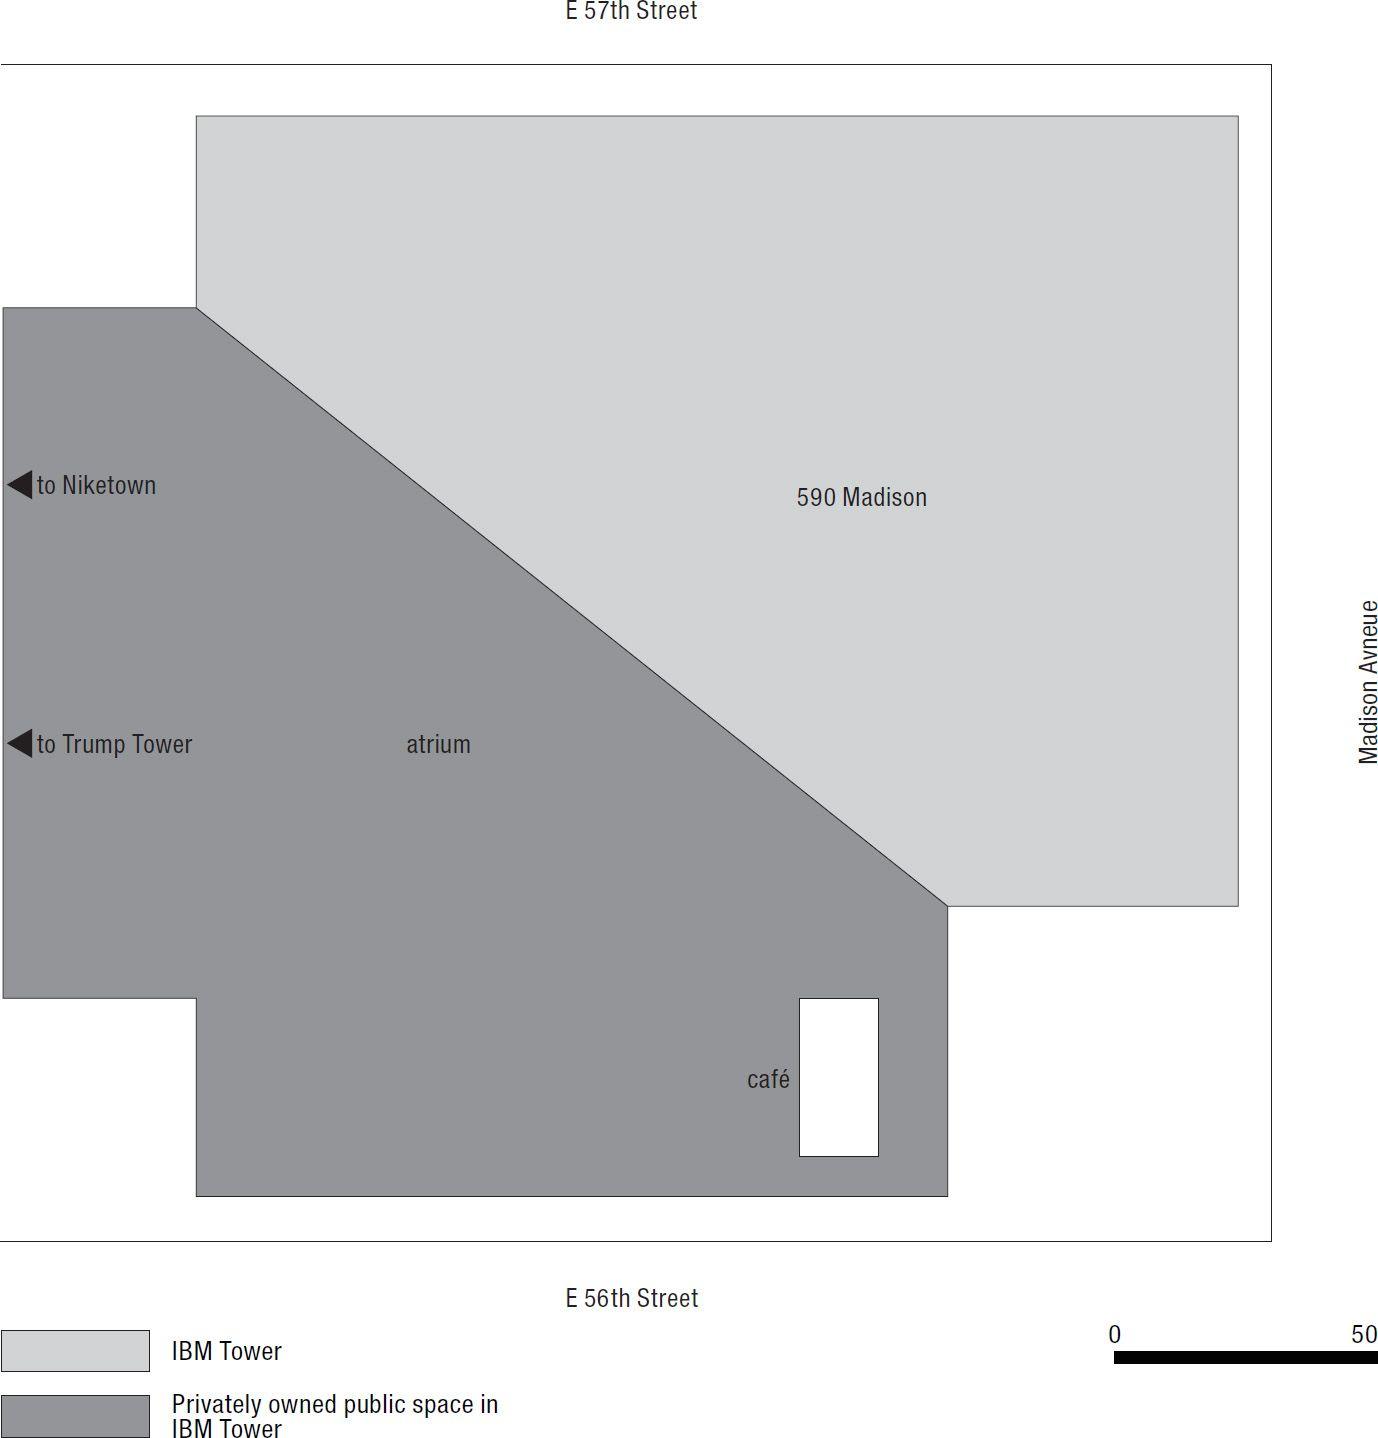 Image Result For Edward Larrabee Barnes 590 Madison Avenue Atrium Floor Plans Floor Plans Atrium Madison Avenue